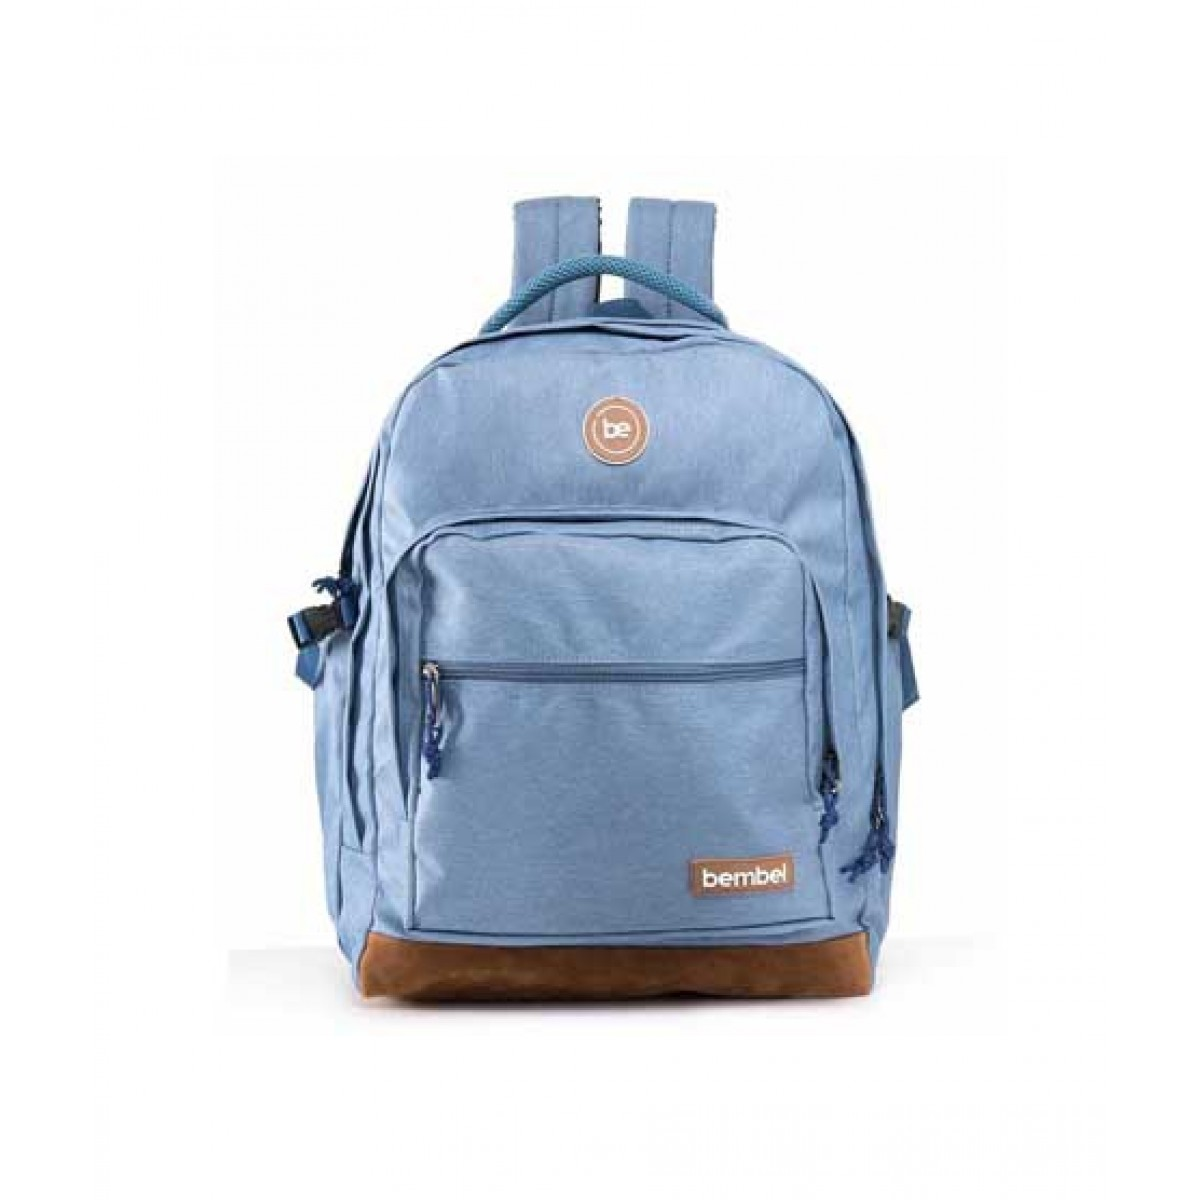 """Bembel Wisdom 15.6"""" Backpack (100139)"""